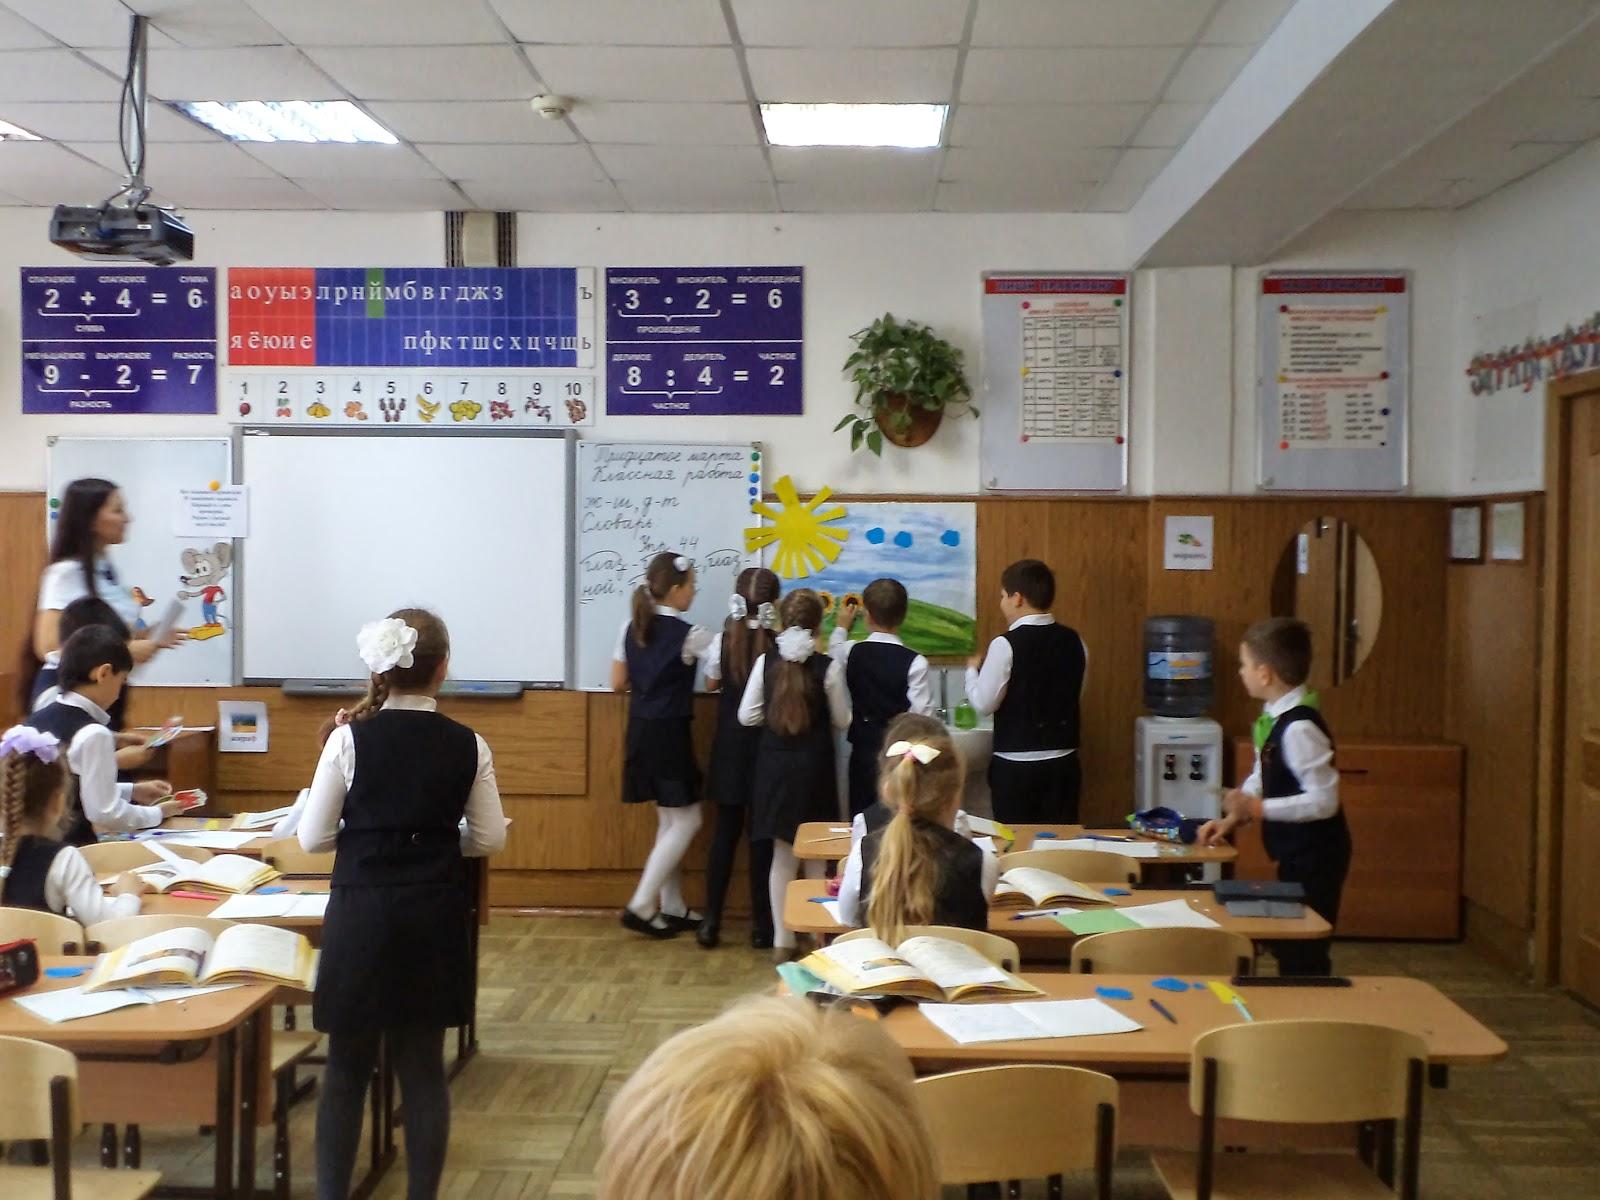 Учительница дала ученику после уроков 4 фотография